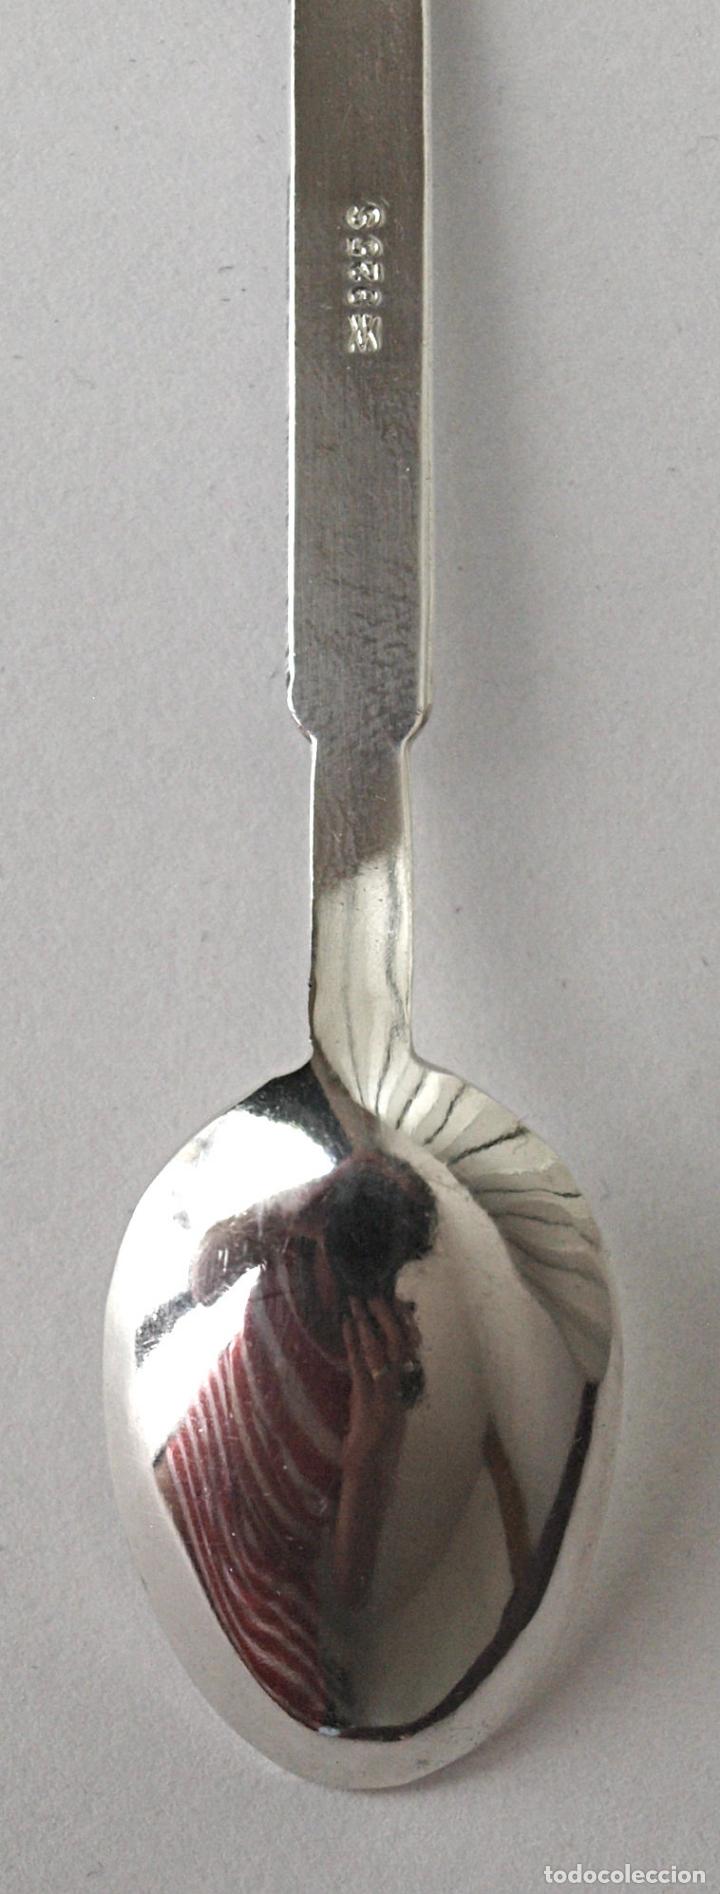 Antigüedades: CUCHARA CUCHARILLA OSLO DE PLATA DE LEY 925 CONTRASTADA. 9,7 GRS. 10 CM LARGO VER FOTOS Y DESCRIPCIO - Foto 5 - 170582020